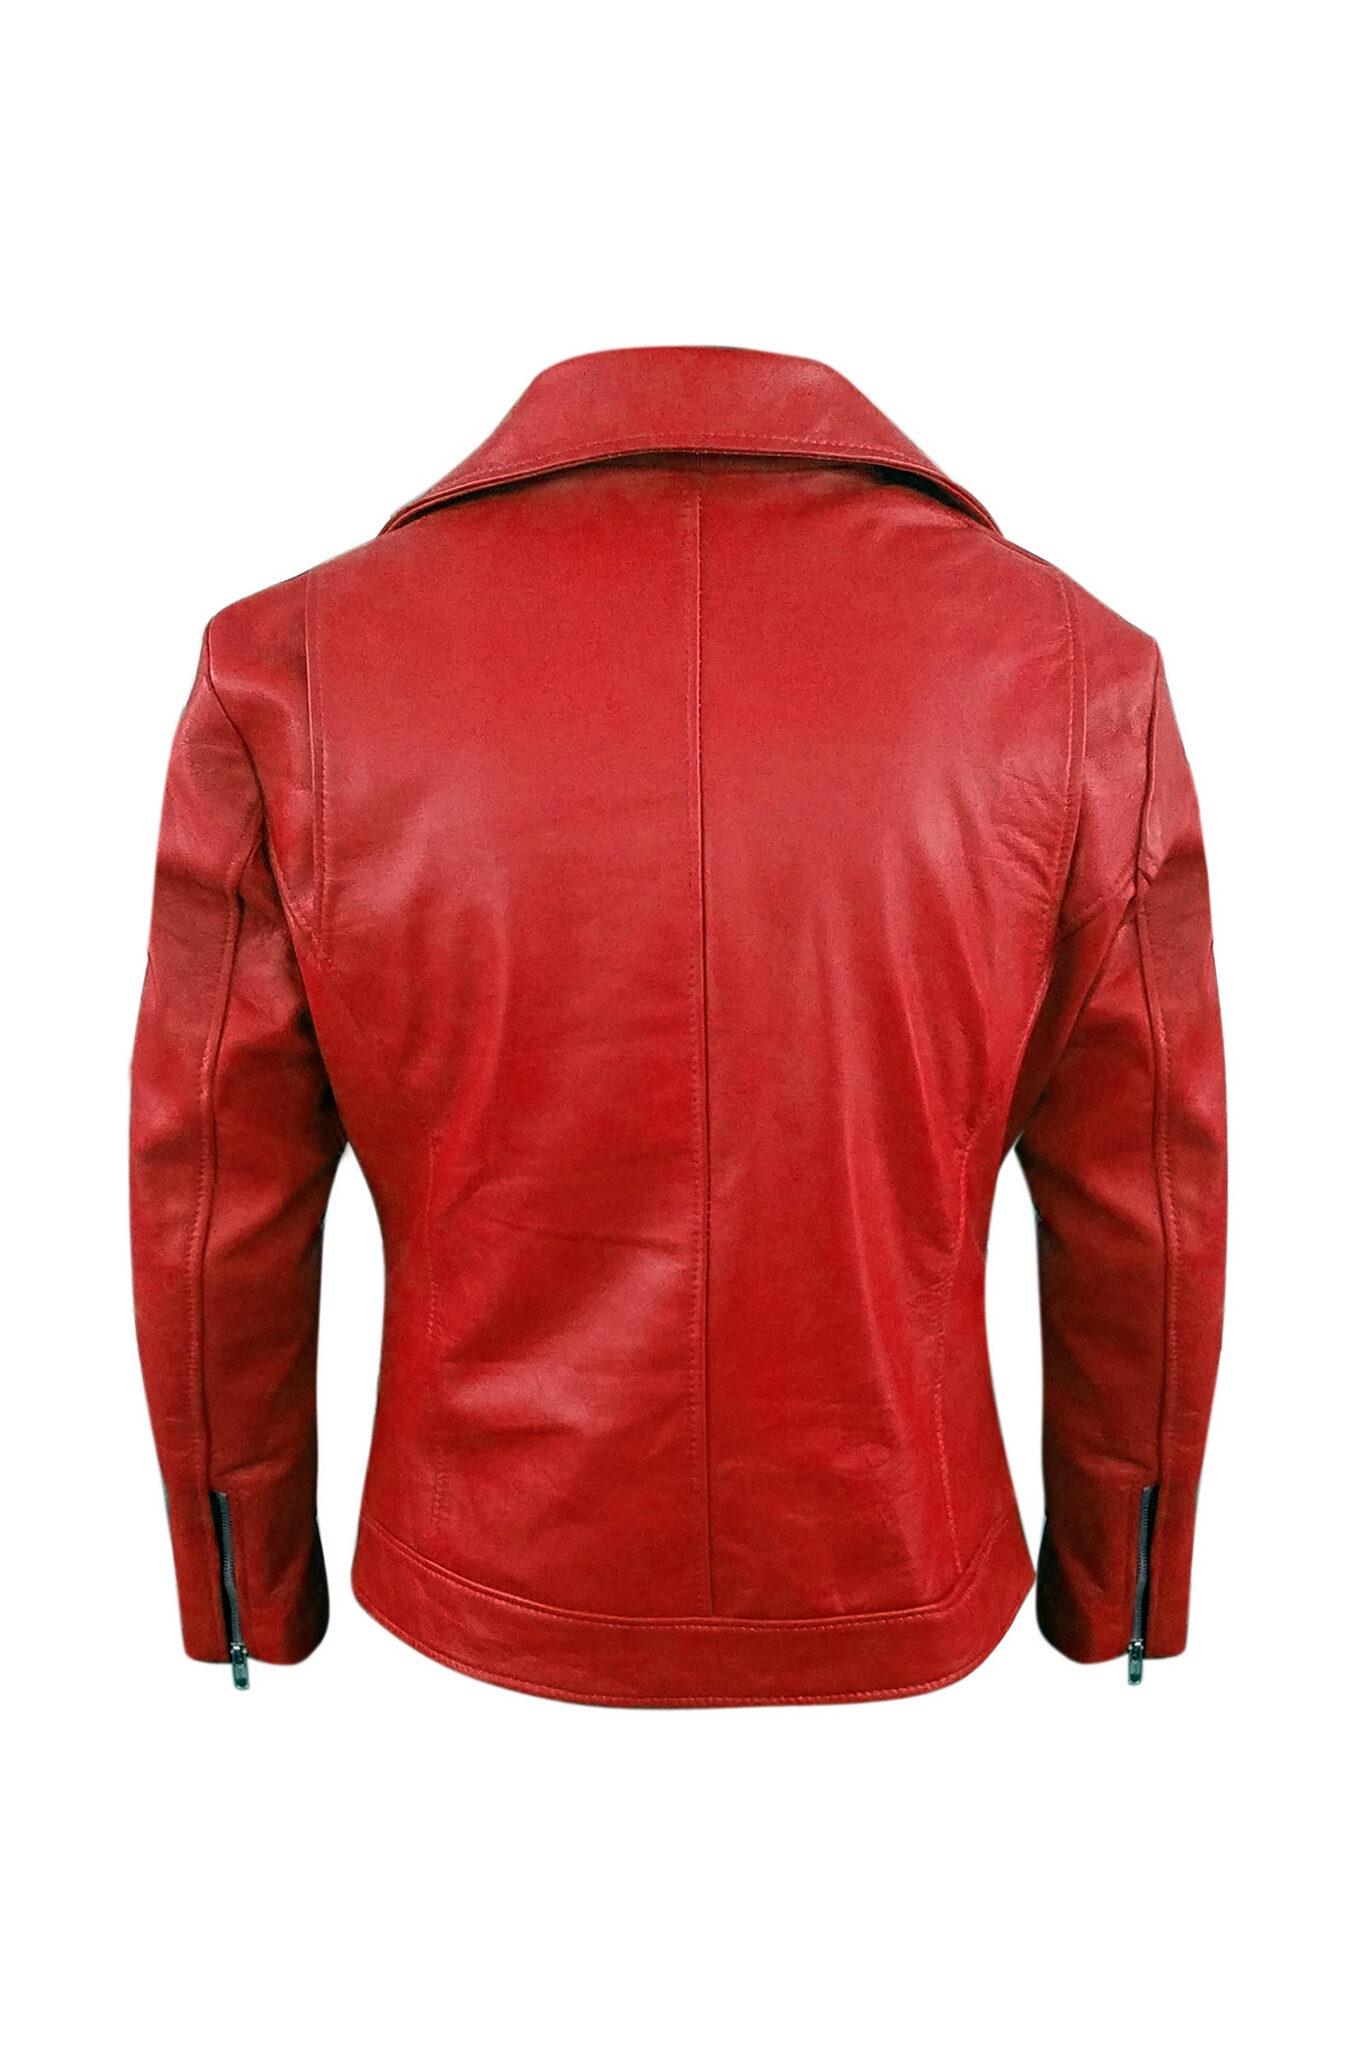 Mens-Red-Biker-Leather-Jacket